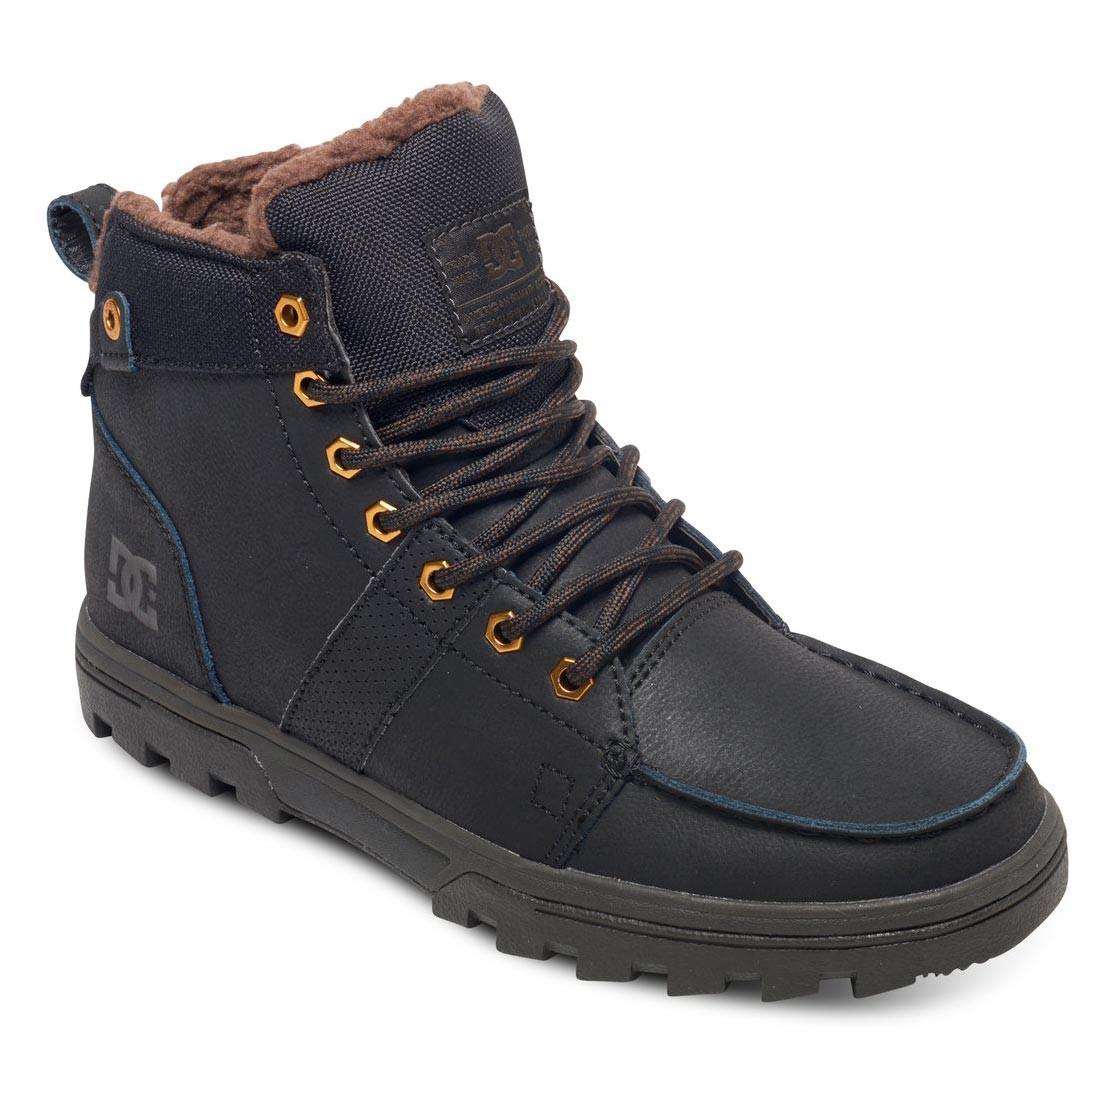 Zimní boty DC Woodland black/camo